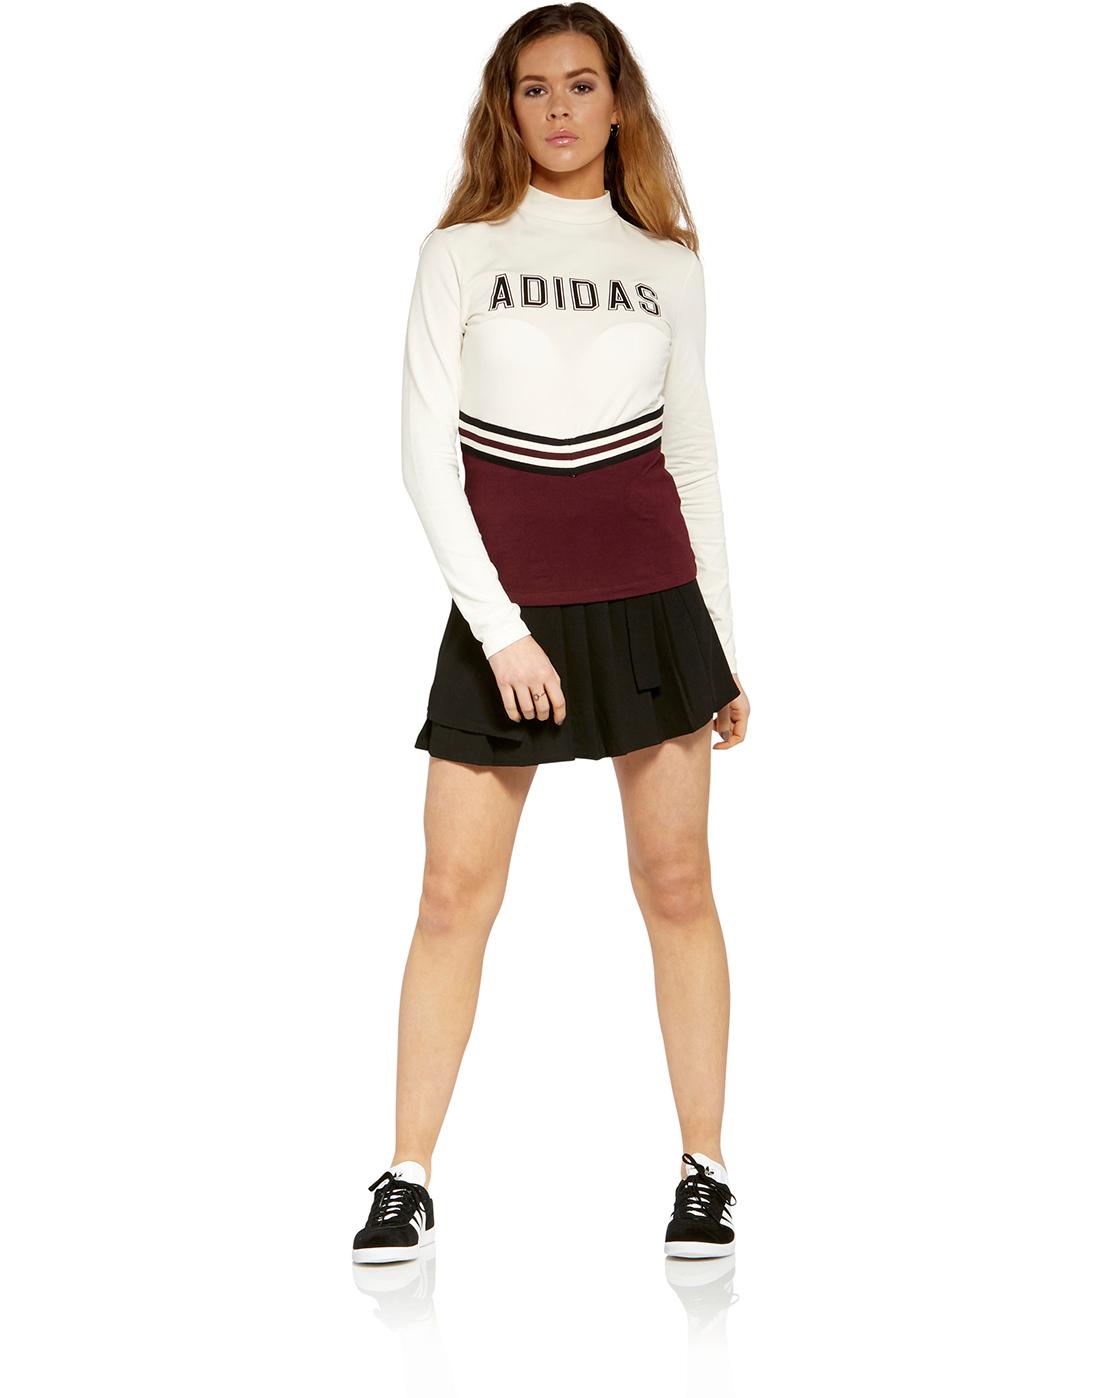 Womens Adidas Originals T Shirt